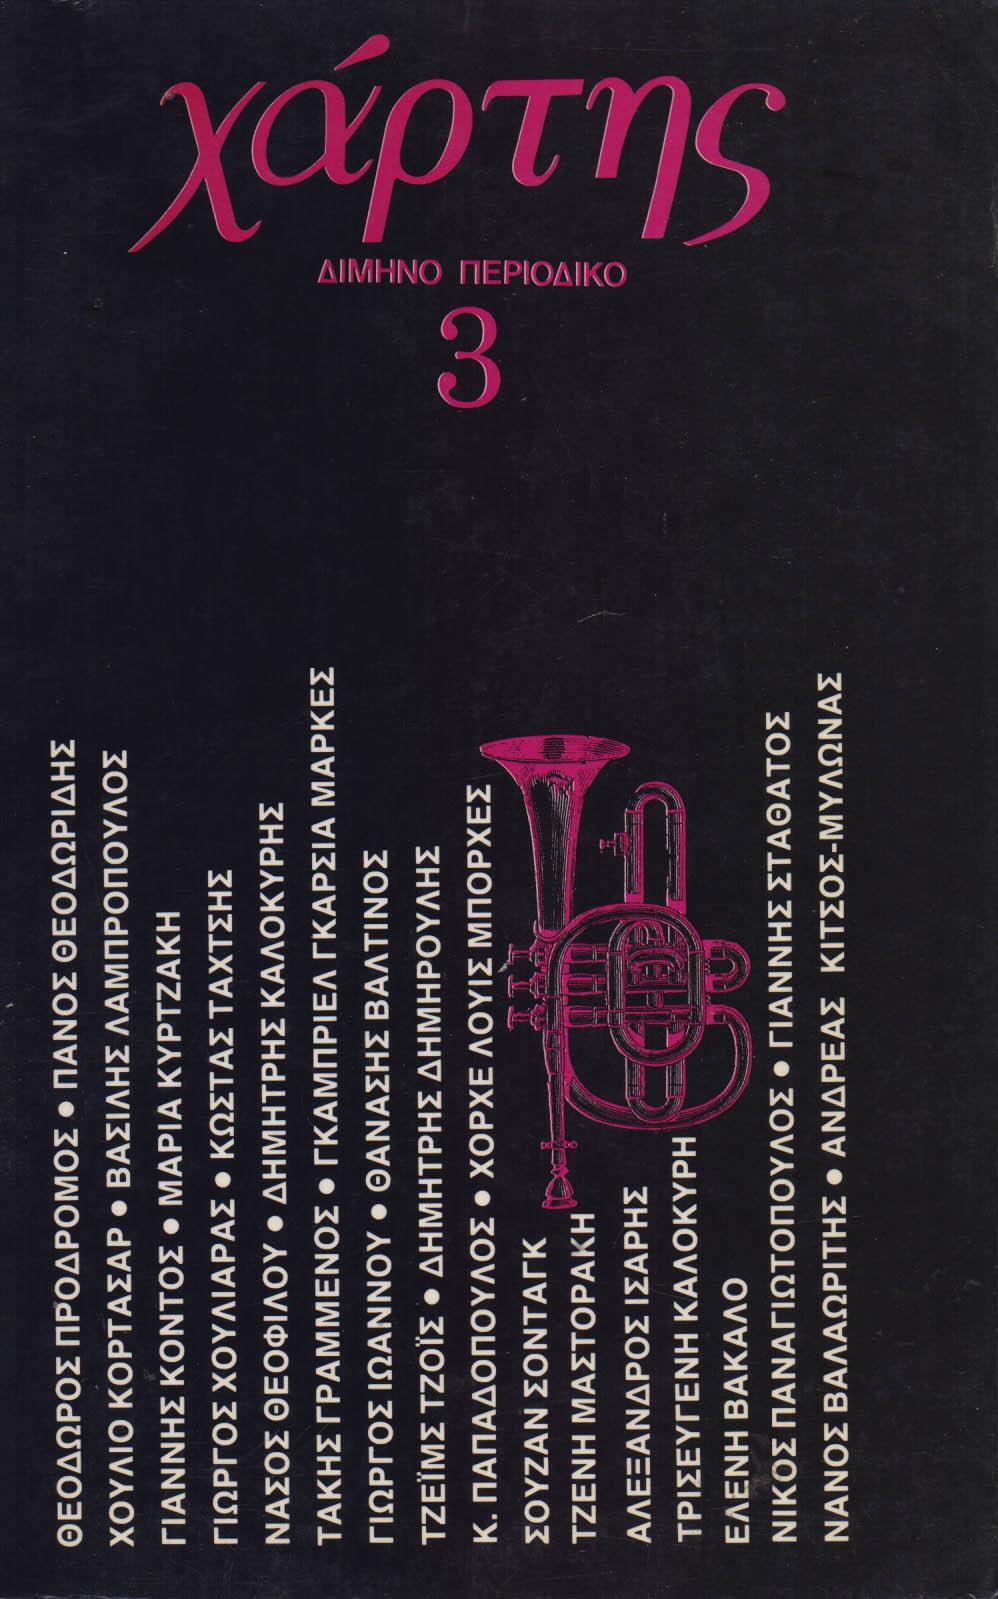 xartis 3